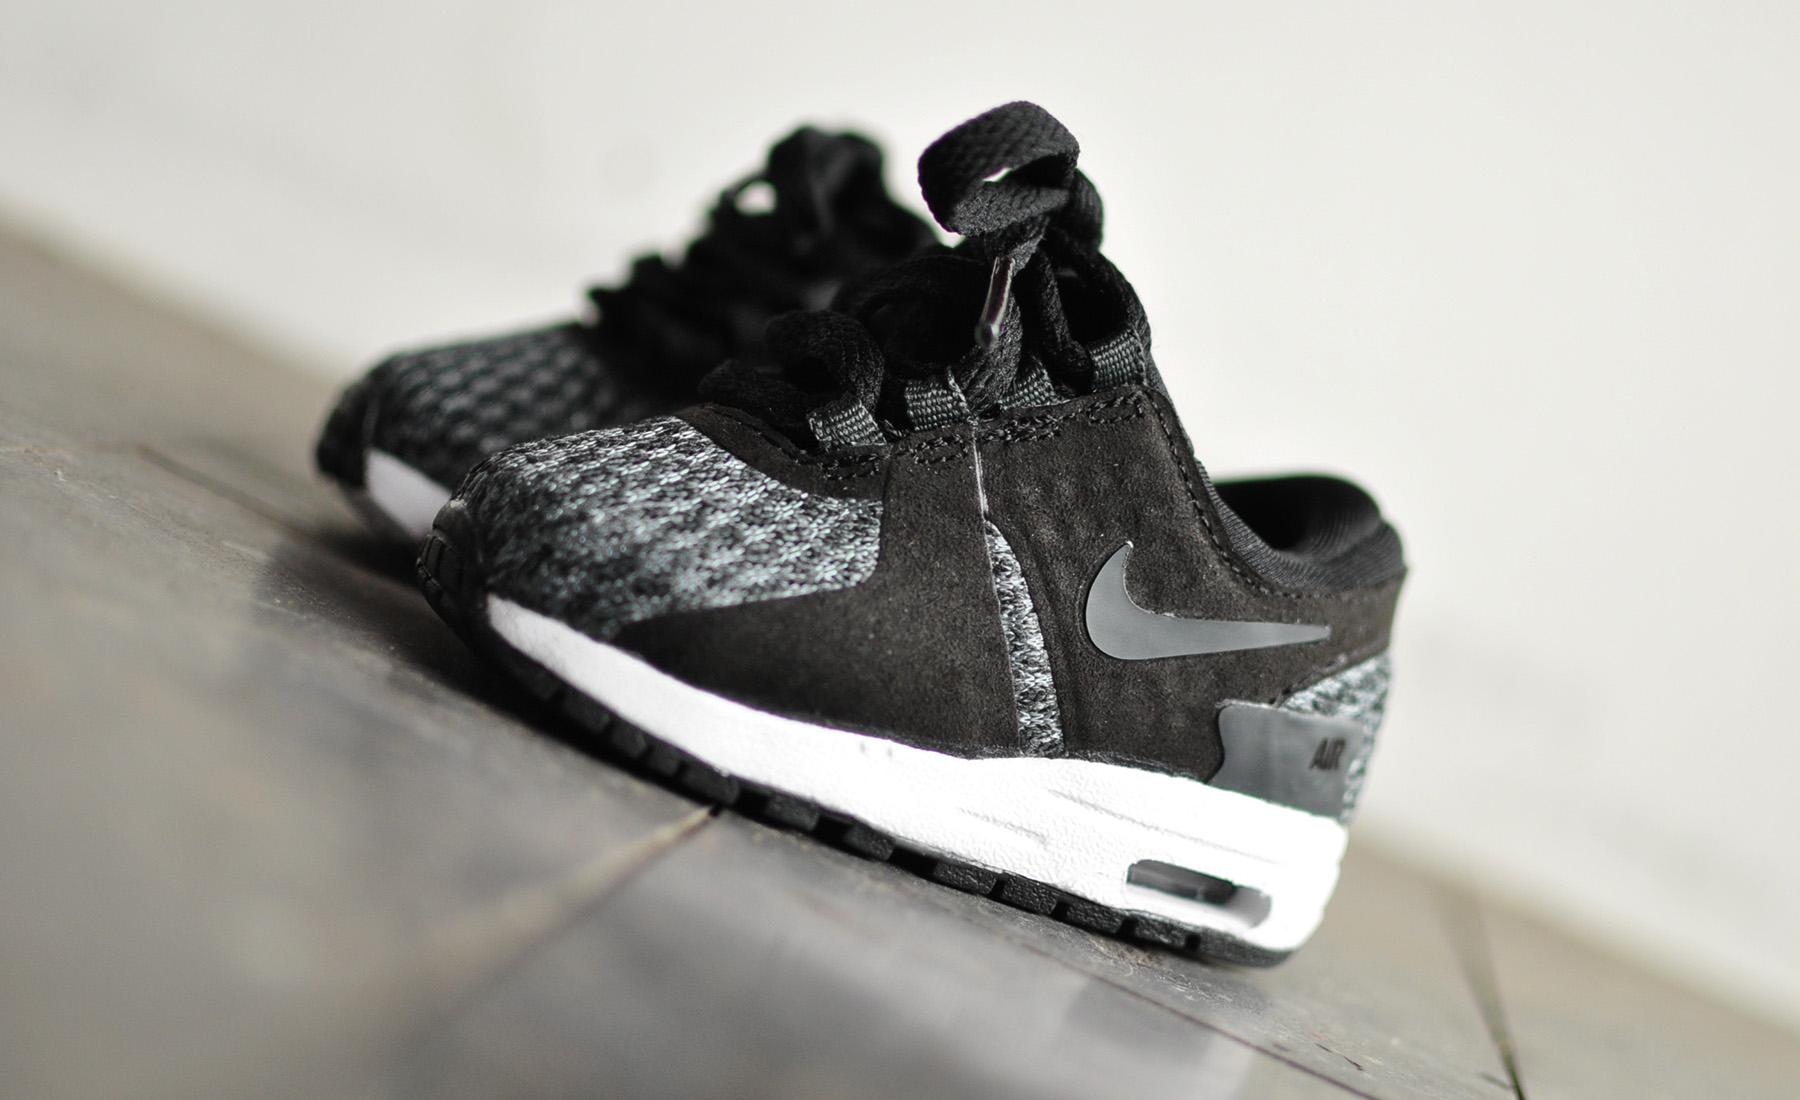 Nike Air Max Zero SE TD 922922 004 Sneakers Blog